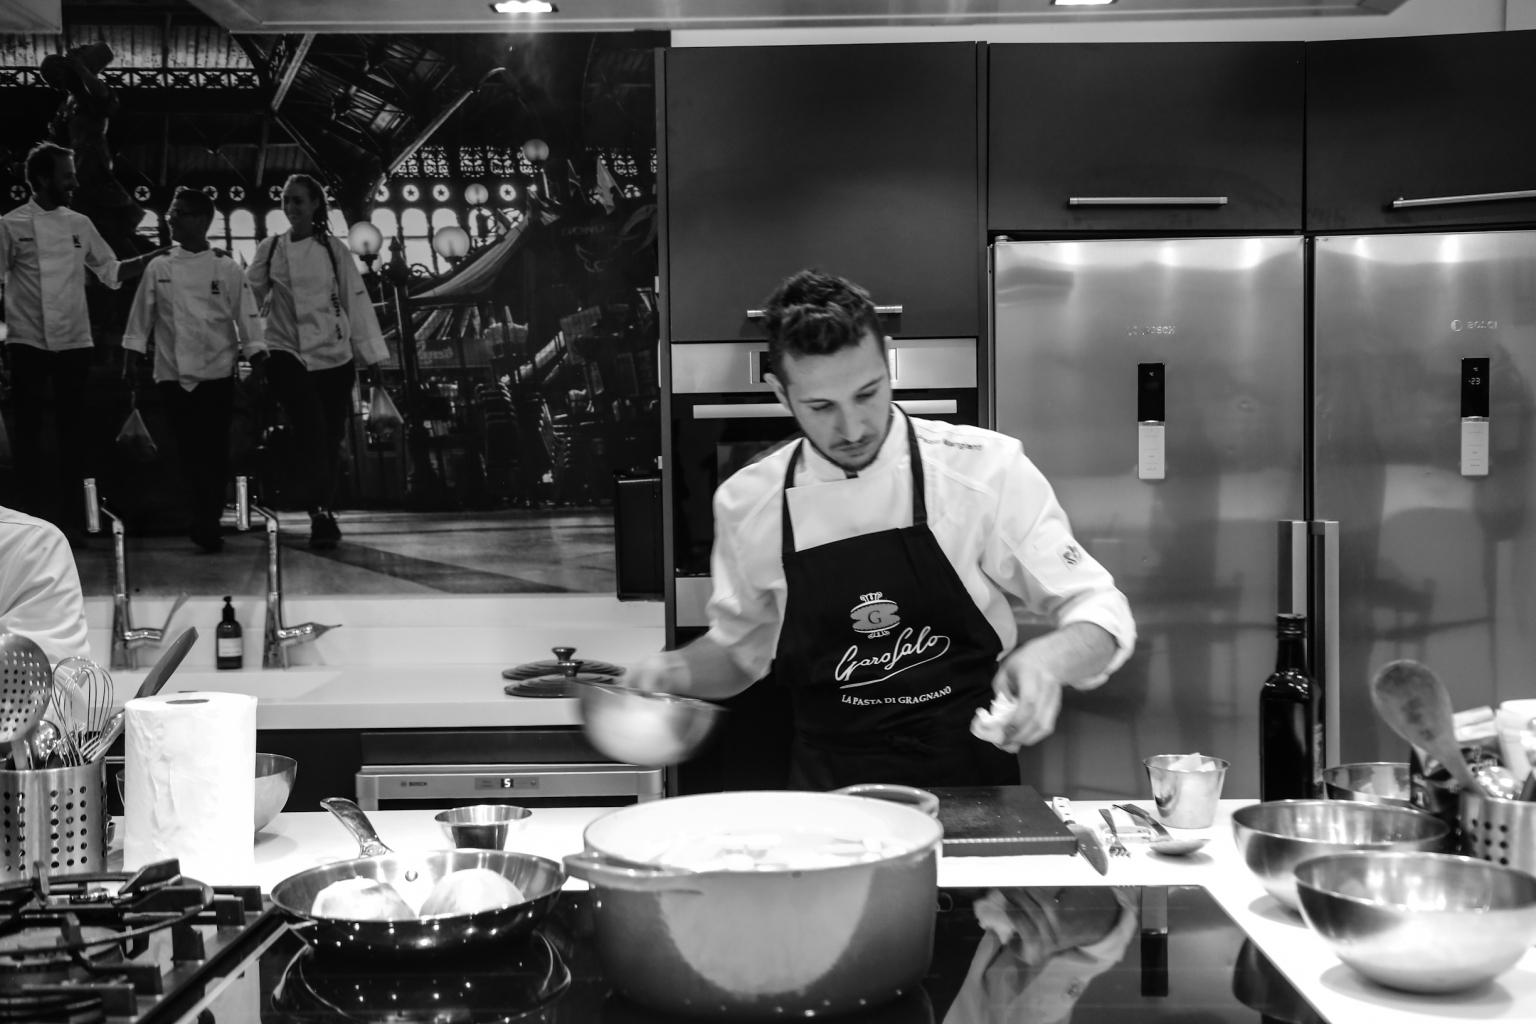 Prepara tu futuro - Jóvenes talentos de la cocina italiana